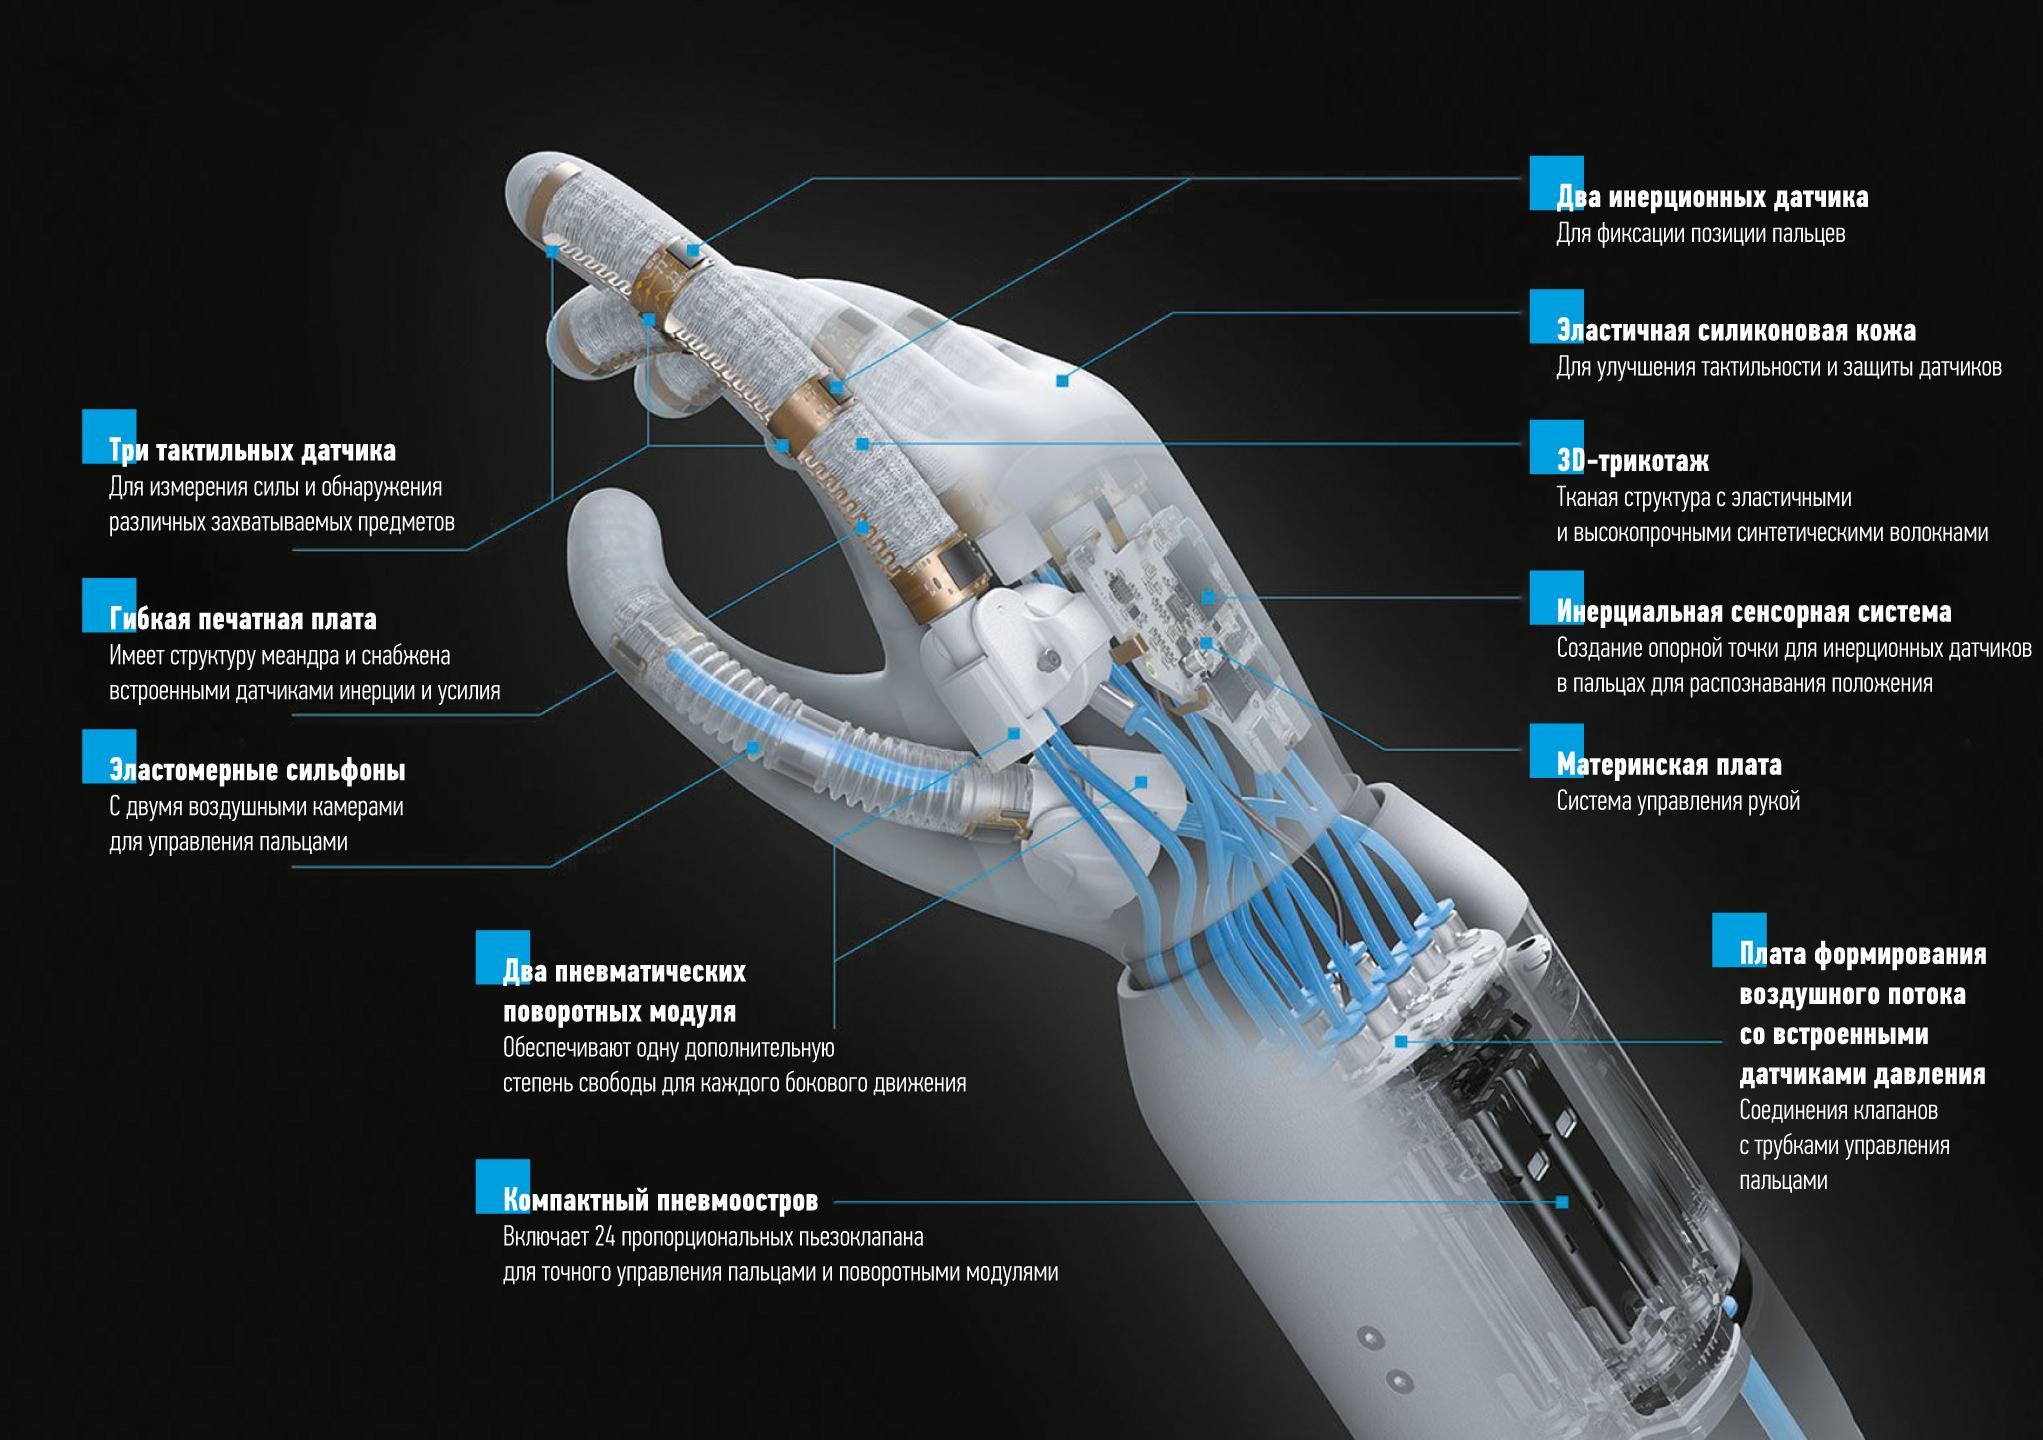 Компоненты высокоинтегрированного мягкого манипулятора BionicSoftHand